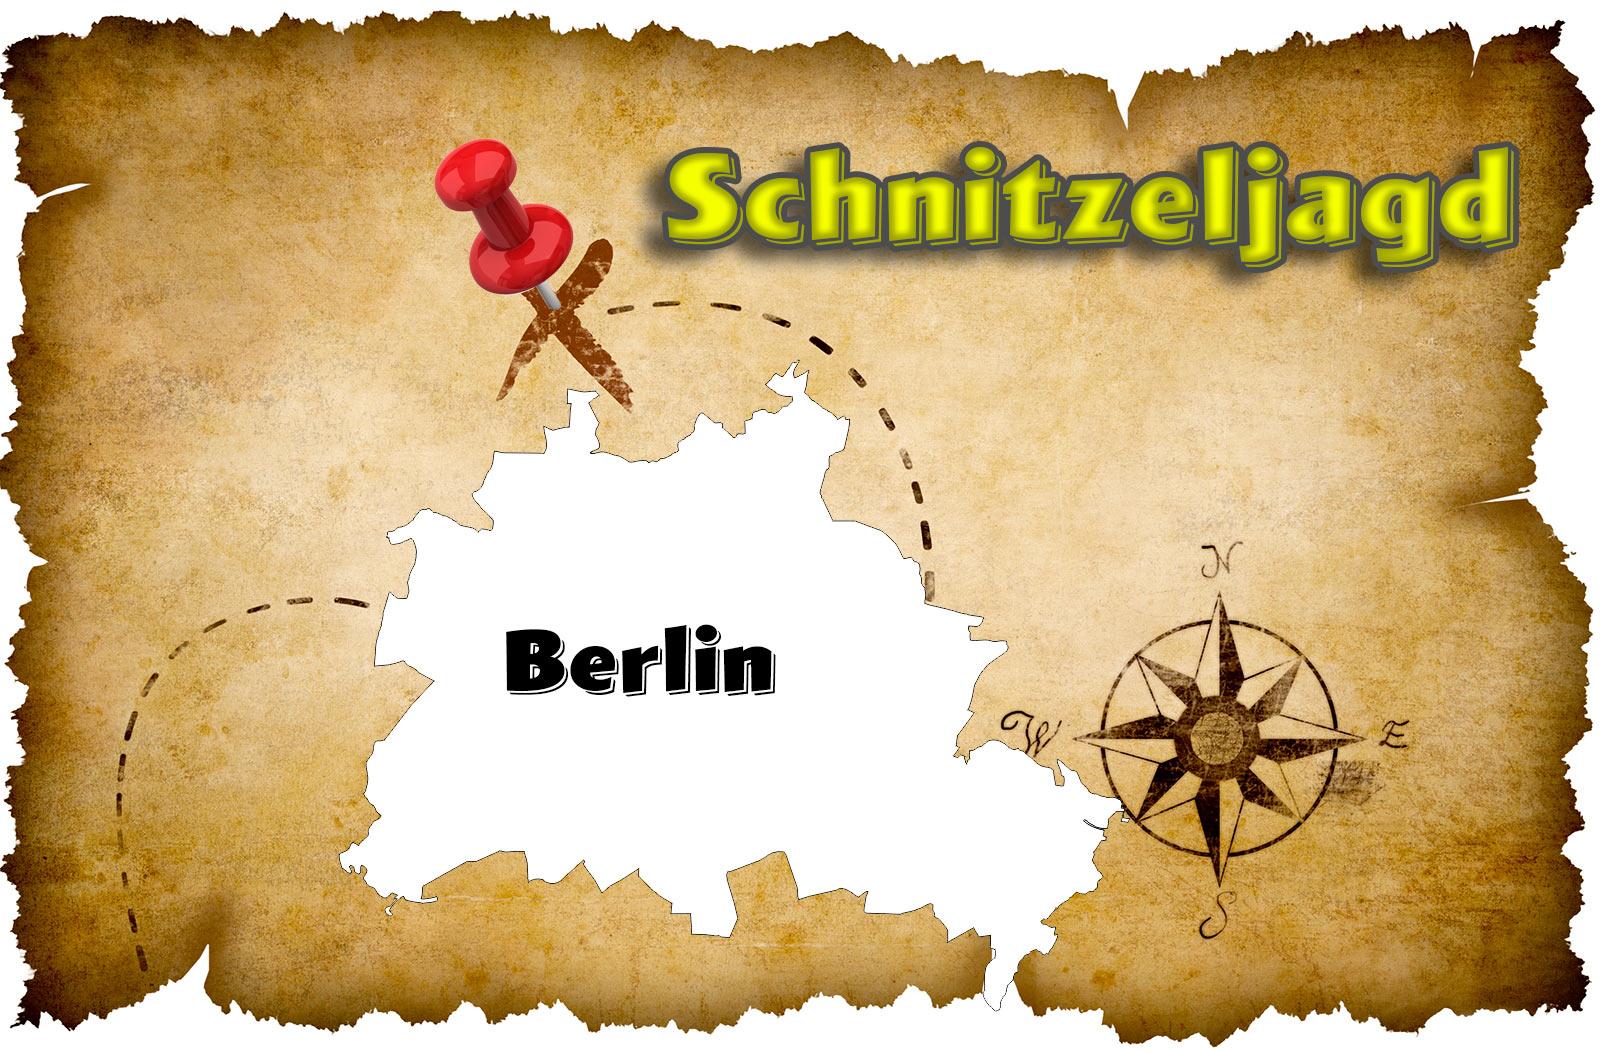 Schnitzel Jagd